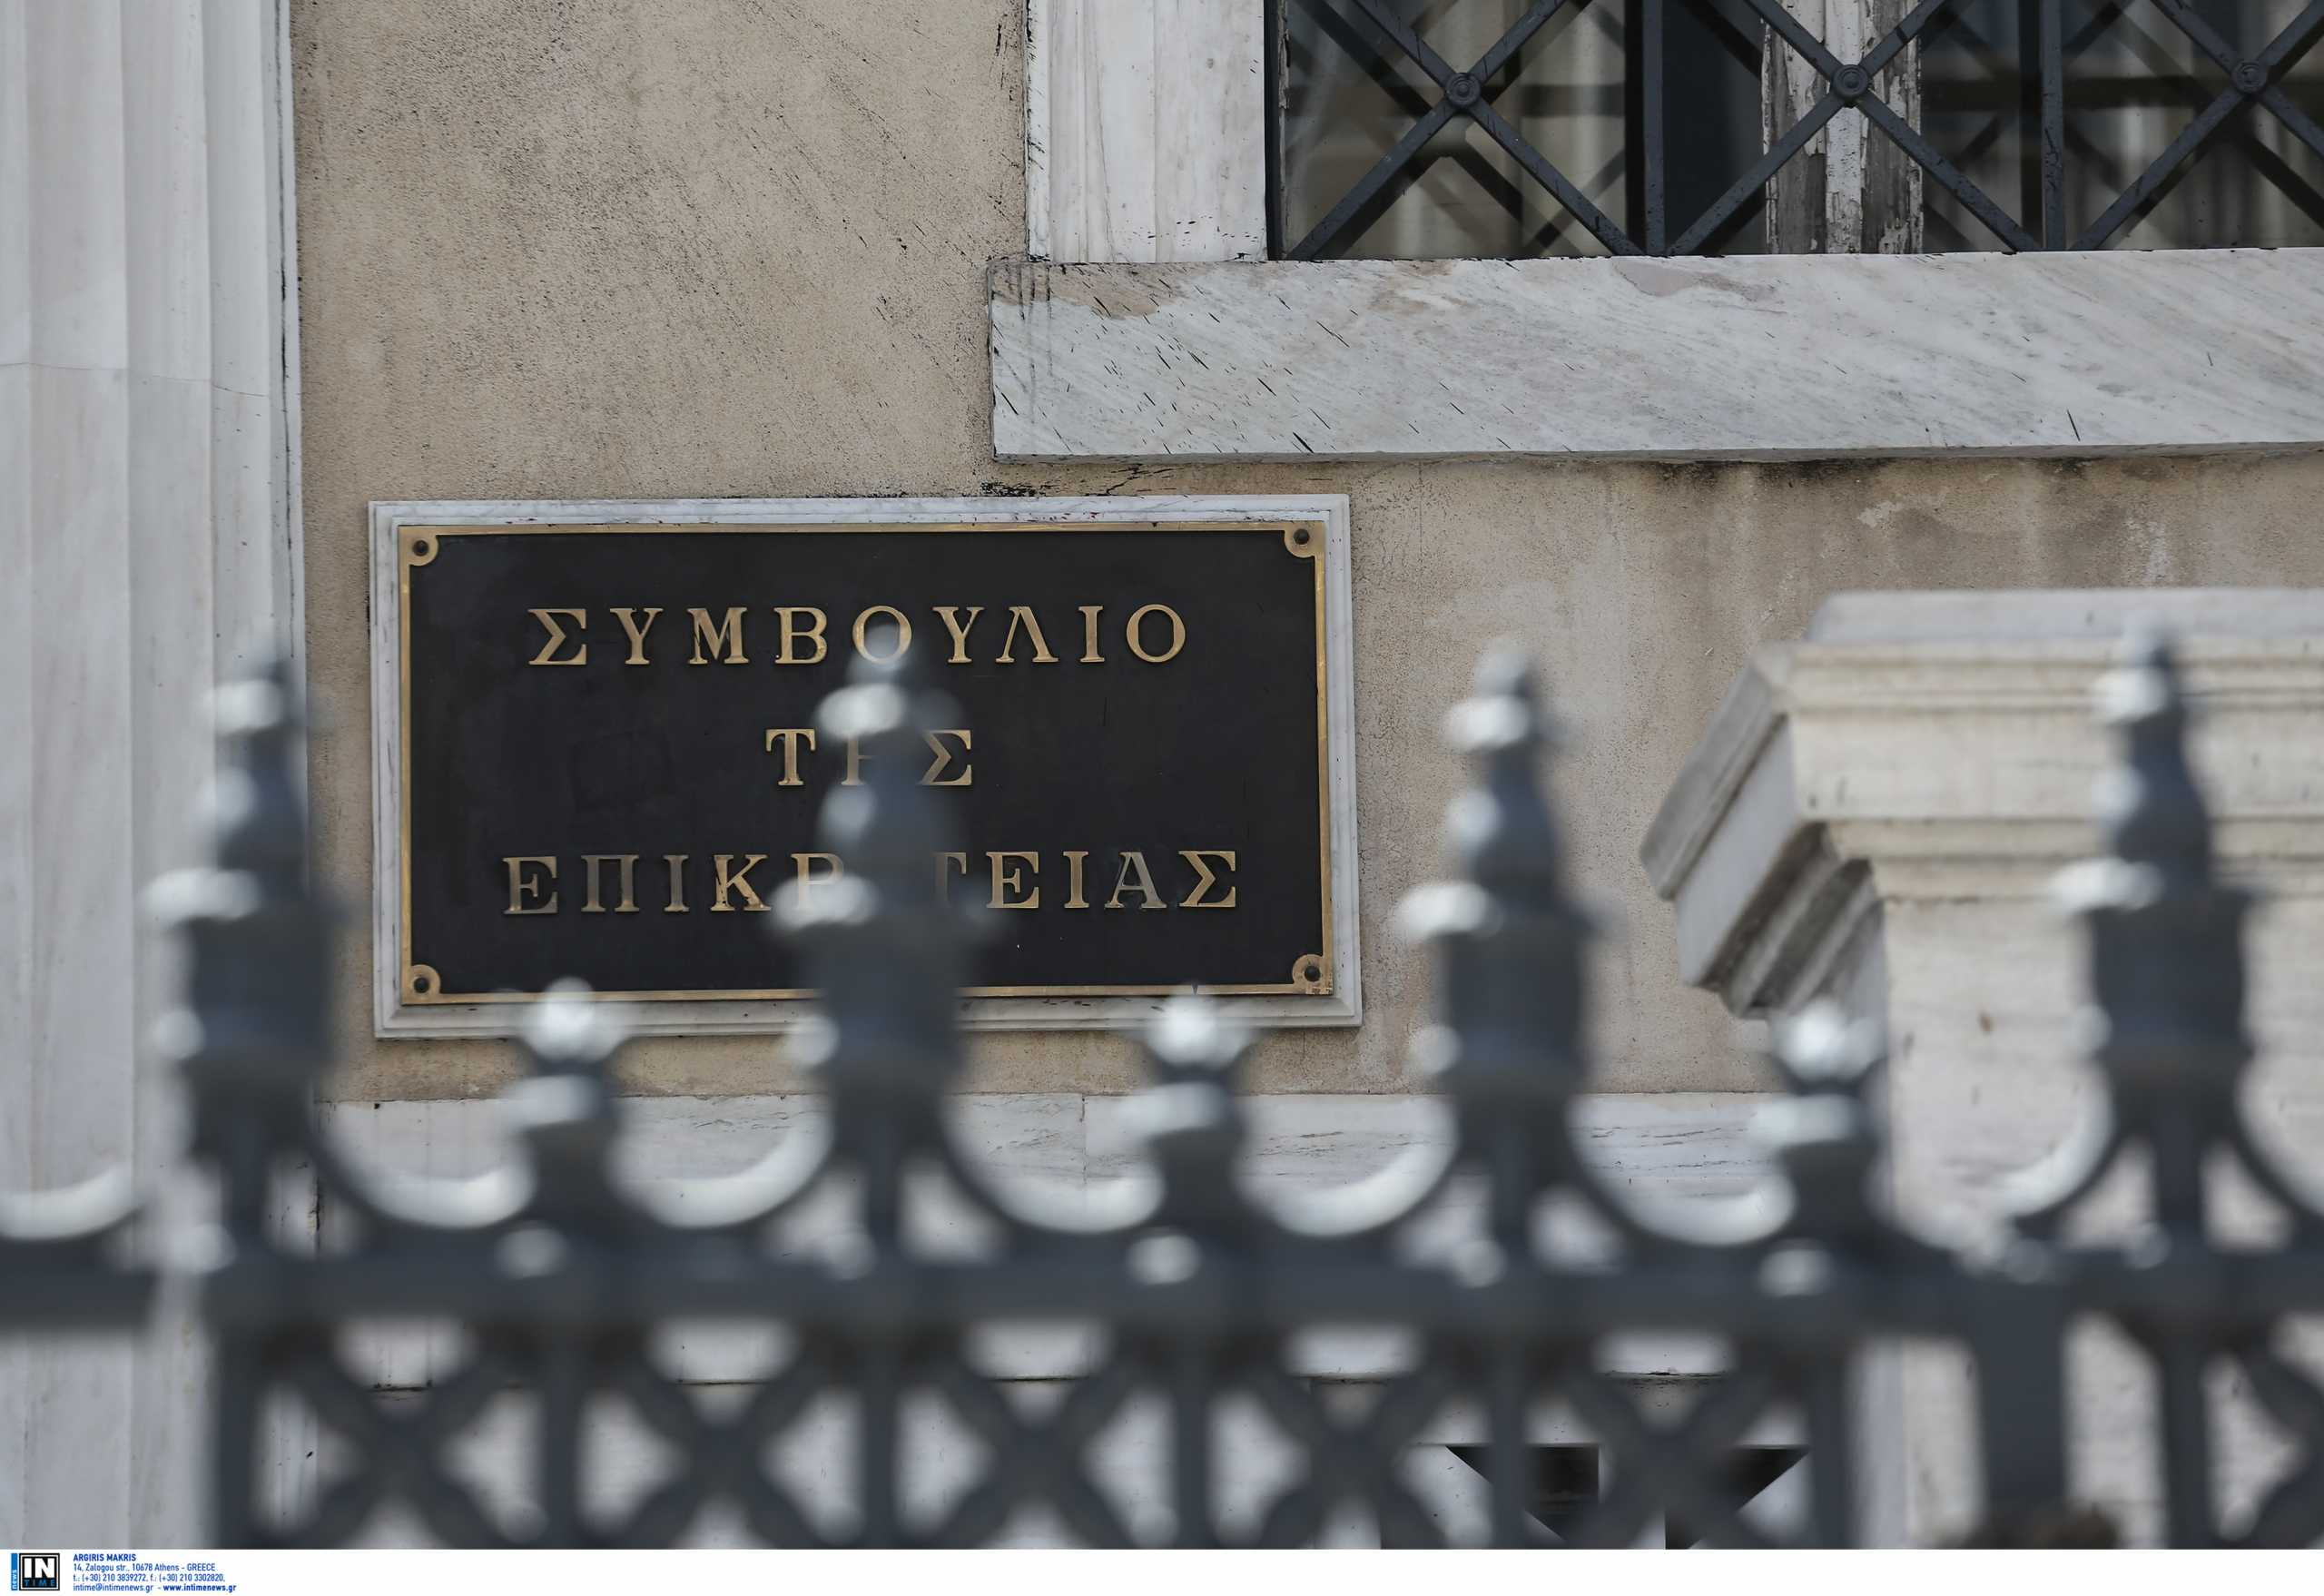 Οι υπάλληλοι του ΣτΕ ζητούν αυξημένα μέτρα προστασίας από τον κορονοϊό